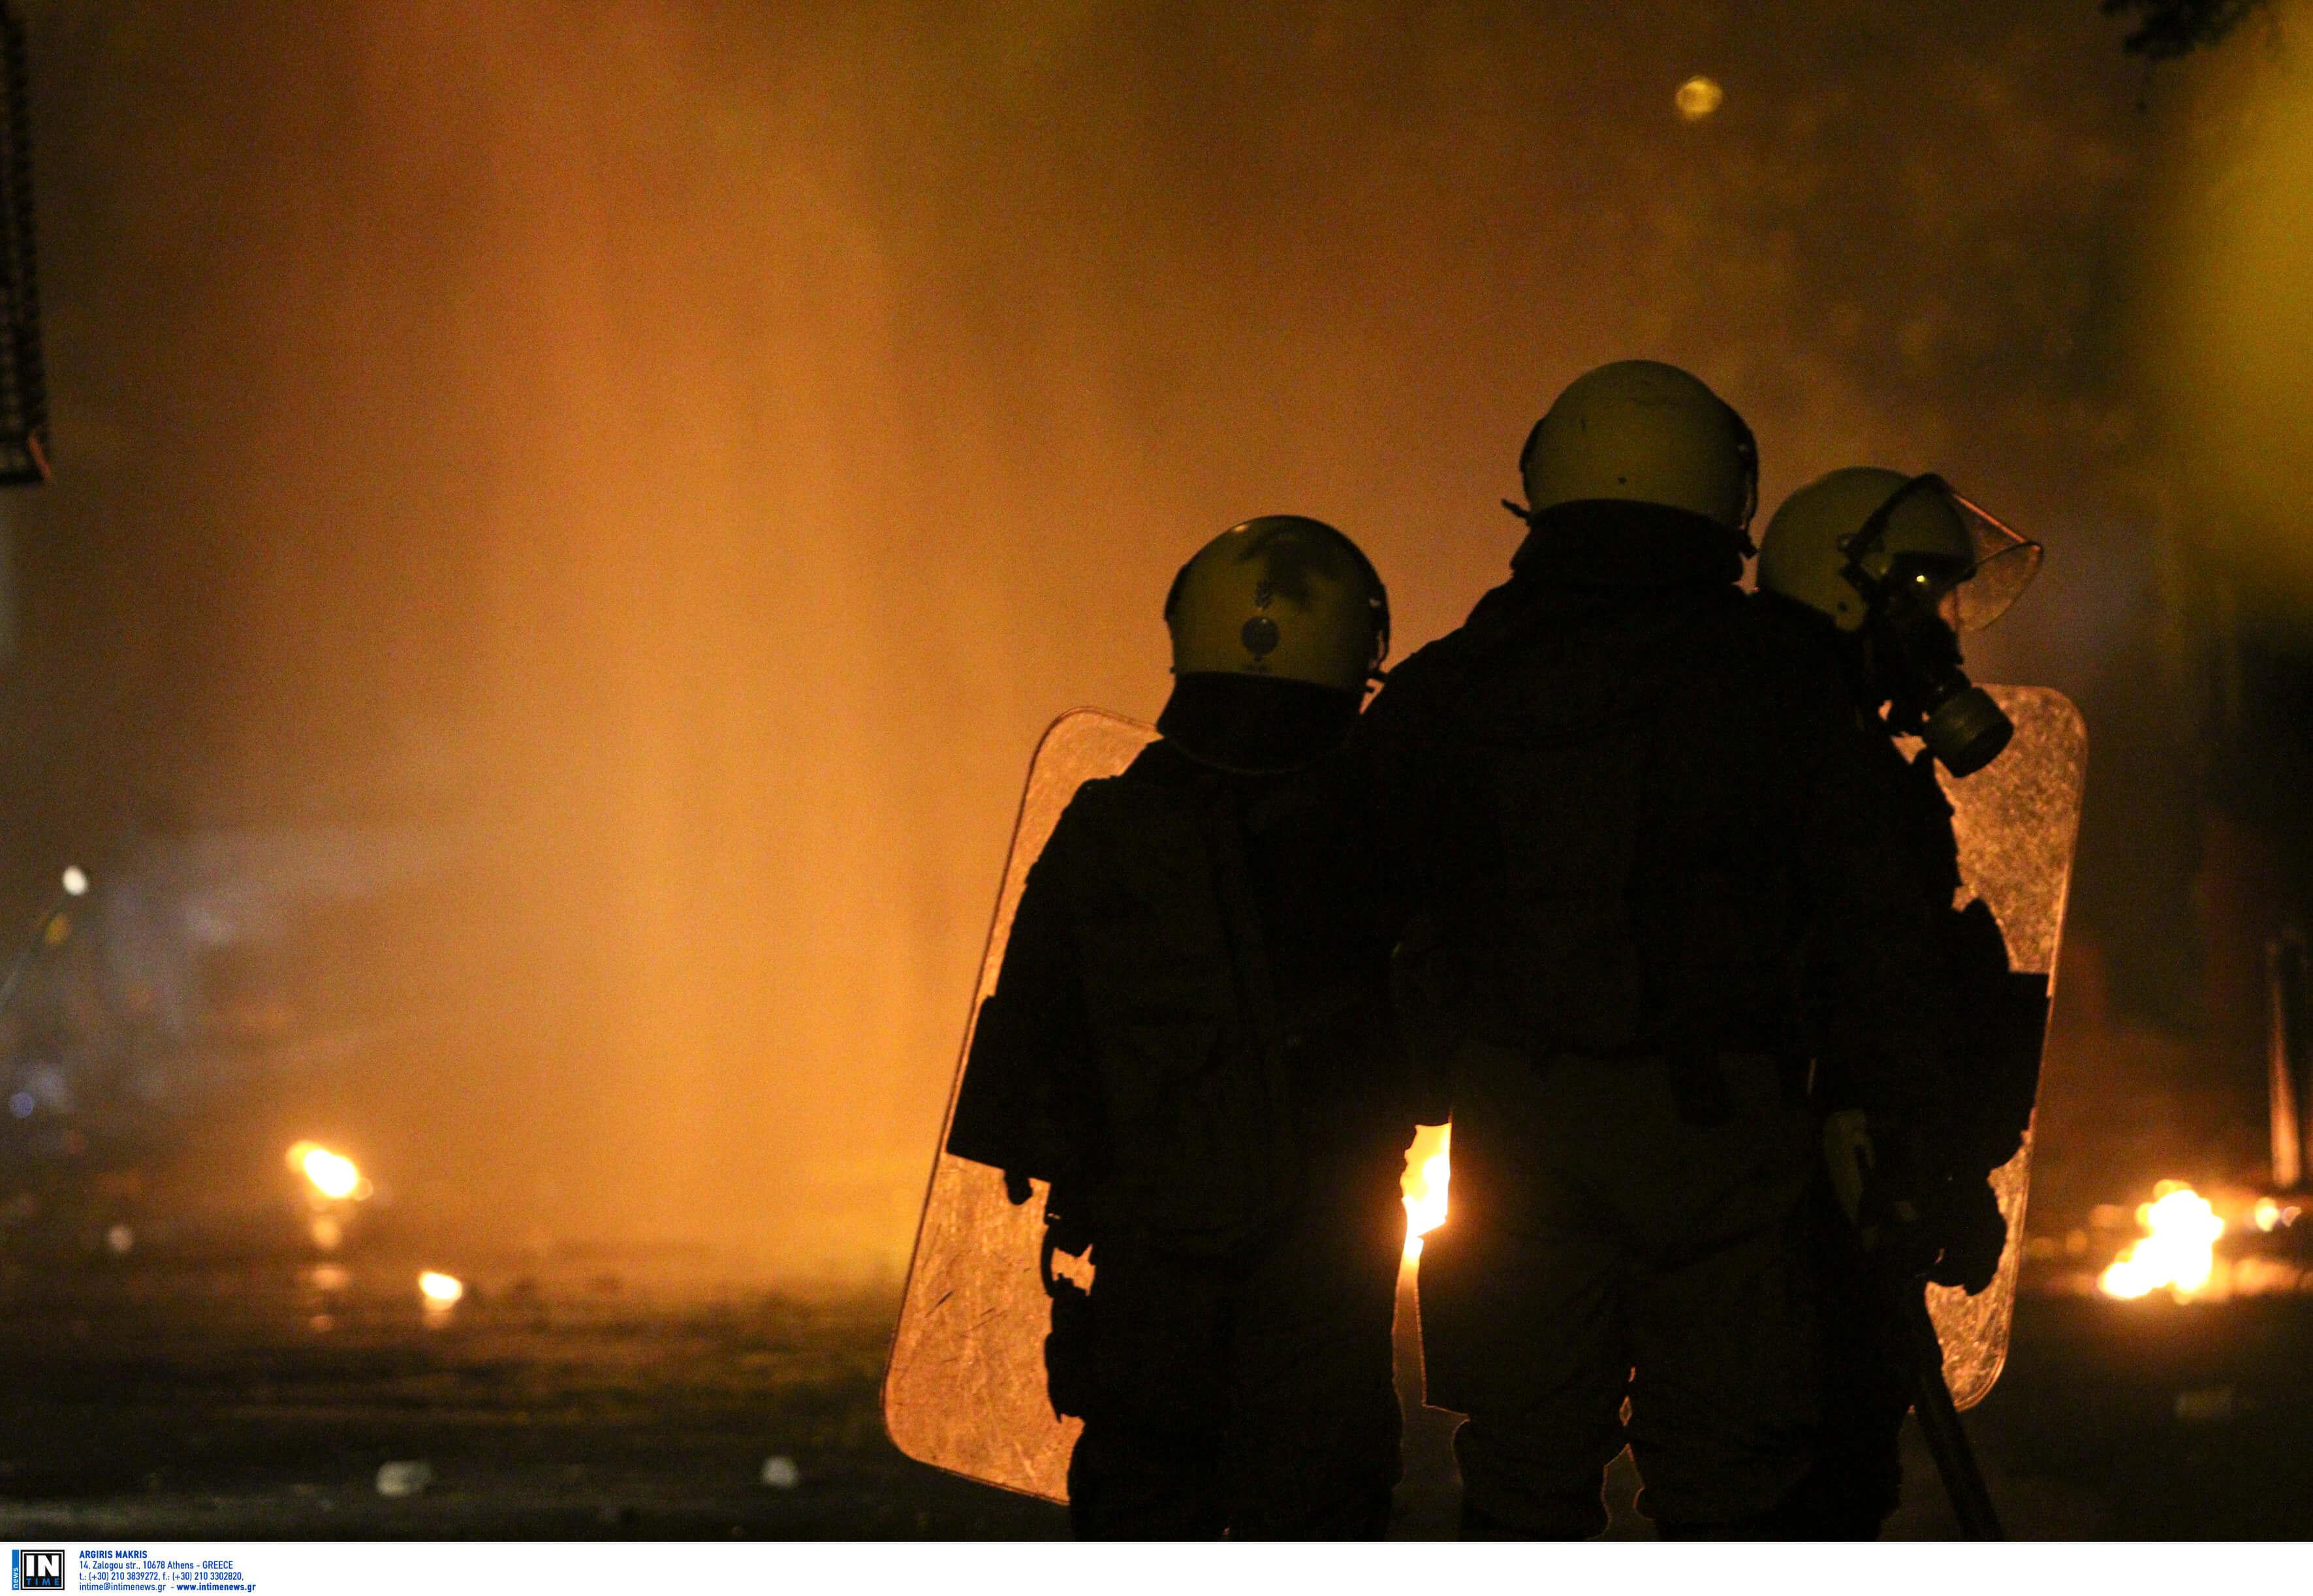 Πεδίο μάχης τα Εξάρχεια! Μπαράζ επιθέσεων με μολότοφ κατά των ΜΑΤ